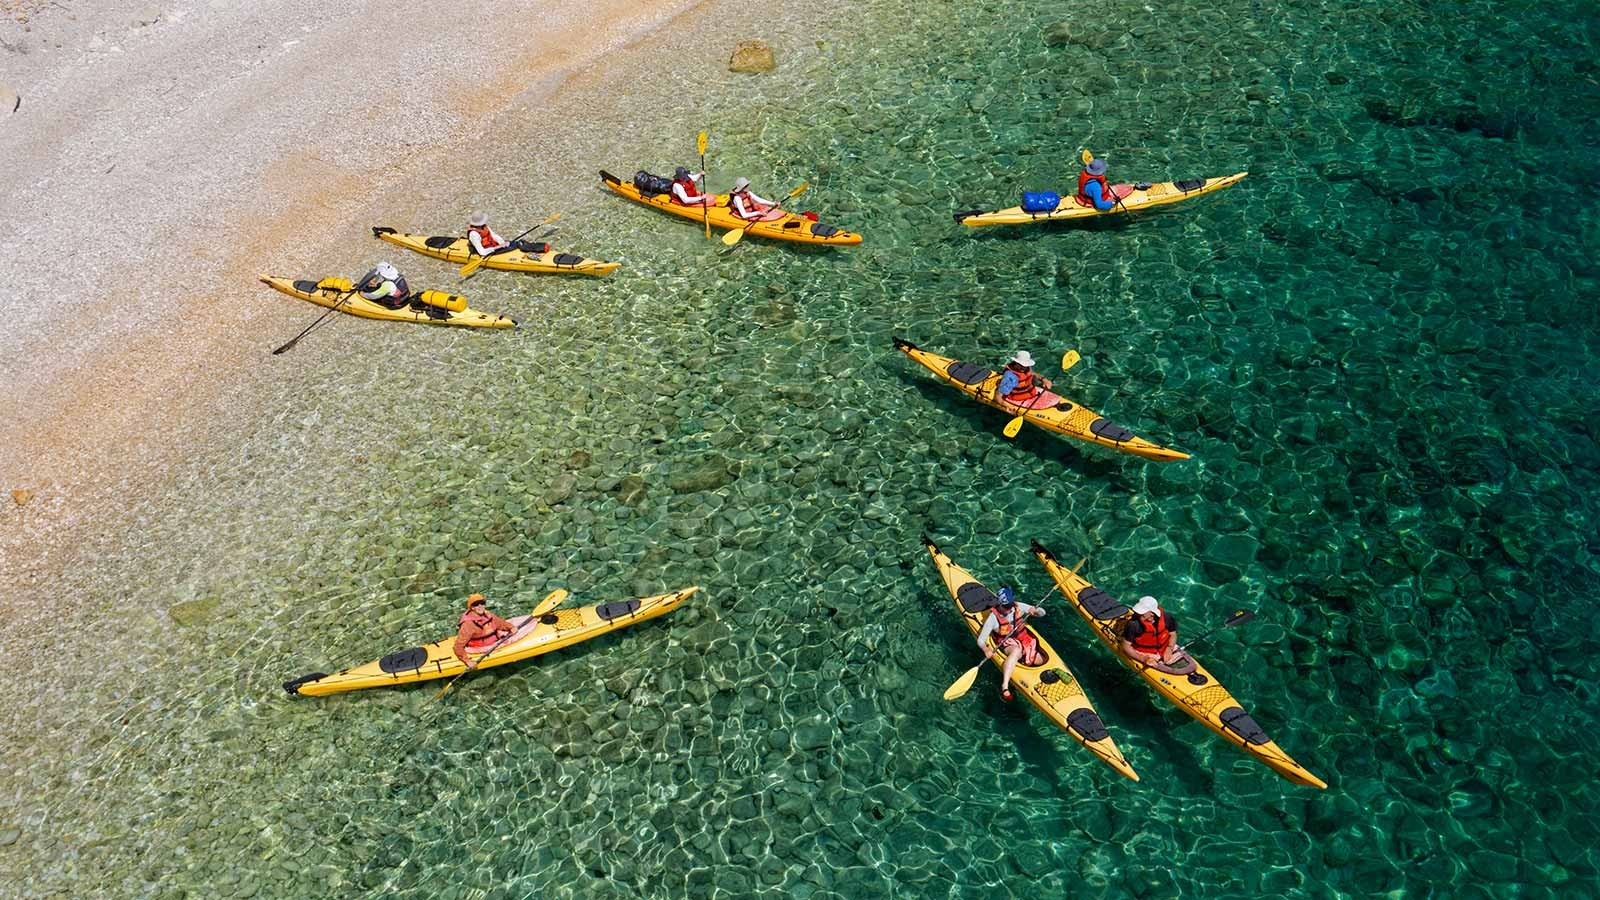 kayak-canoe_1600x900_goran-safarek.jpg